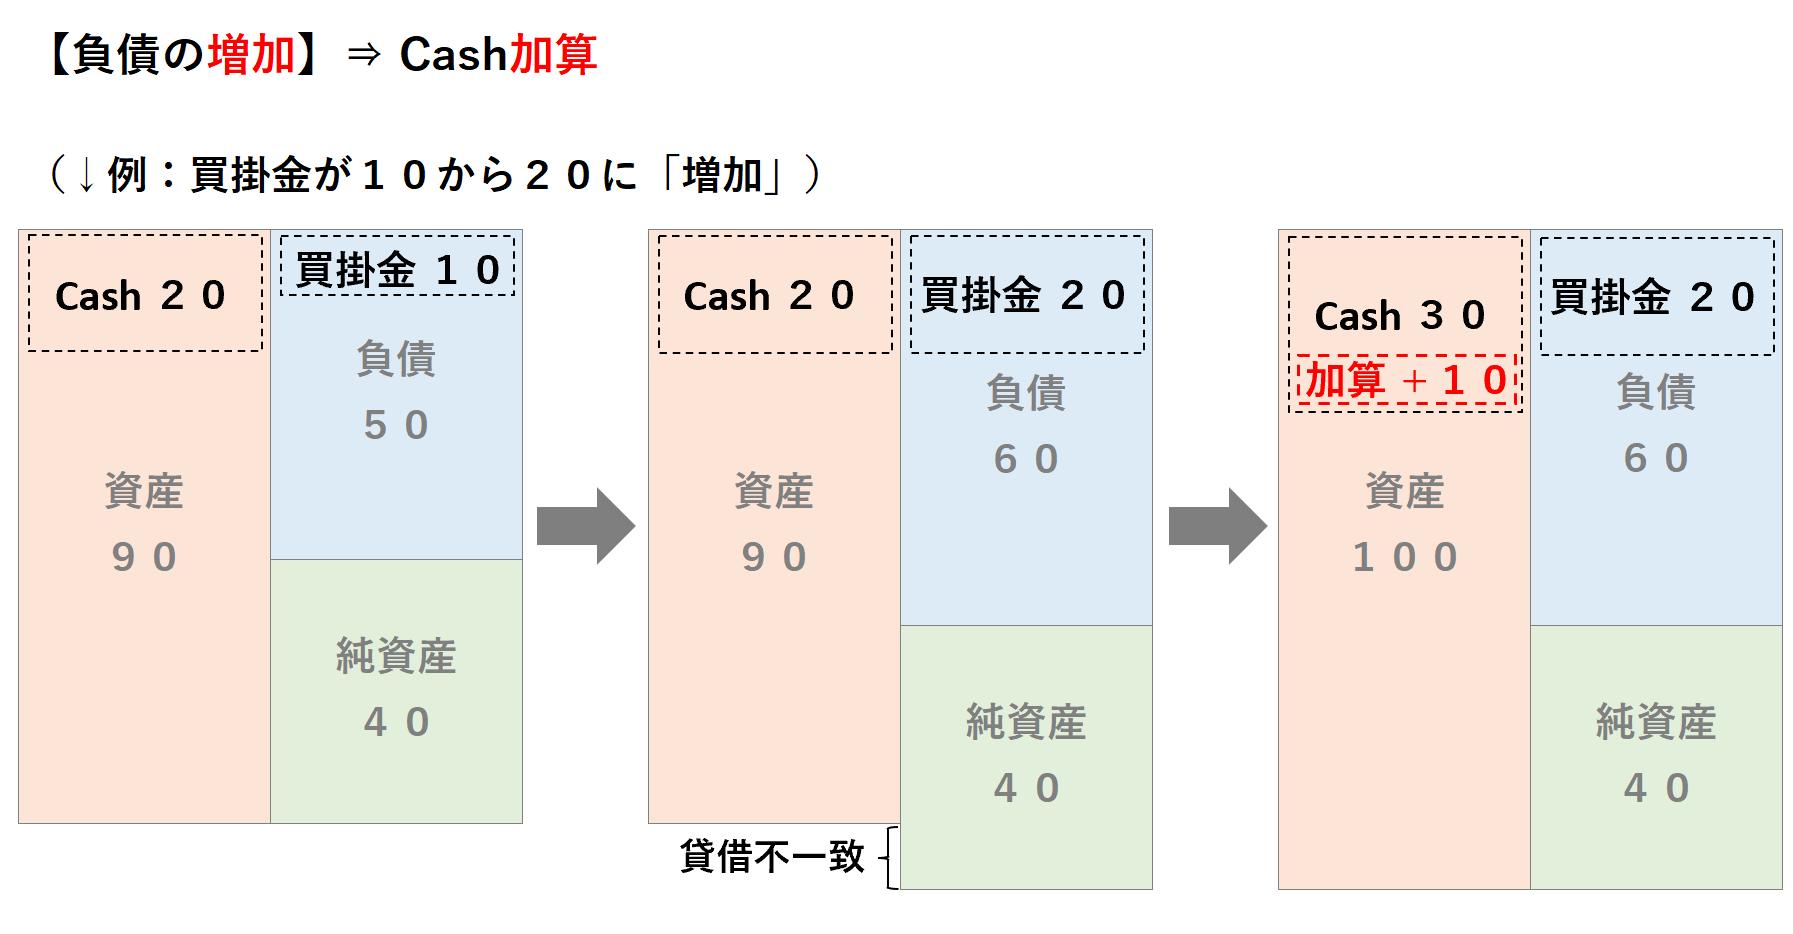 間接法CF:負債の増加、キャッシュの加算